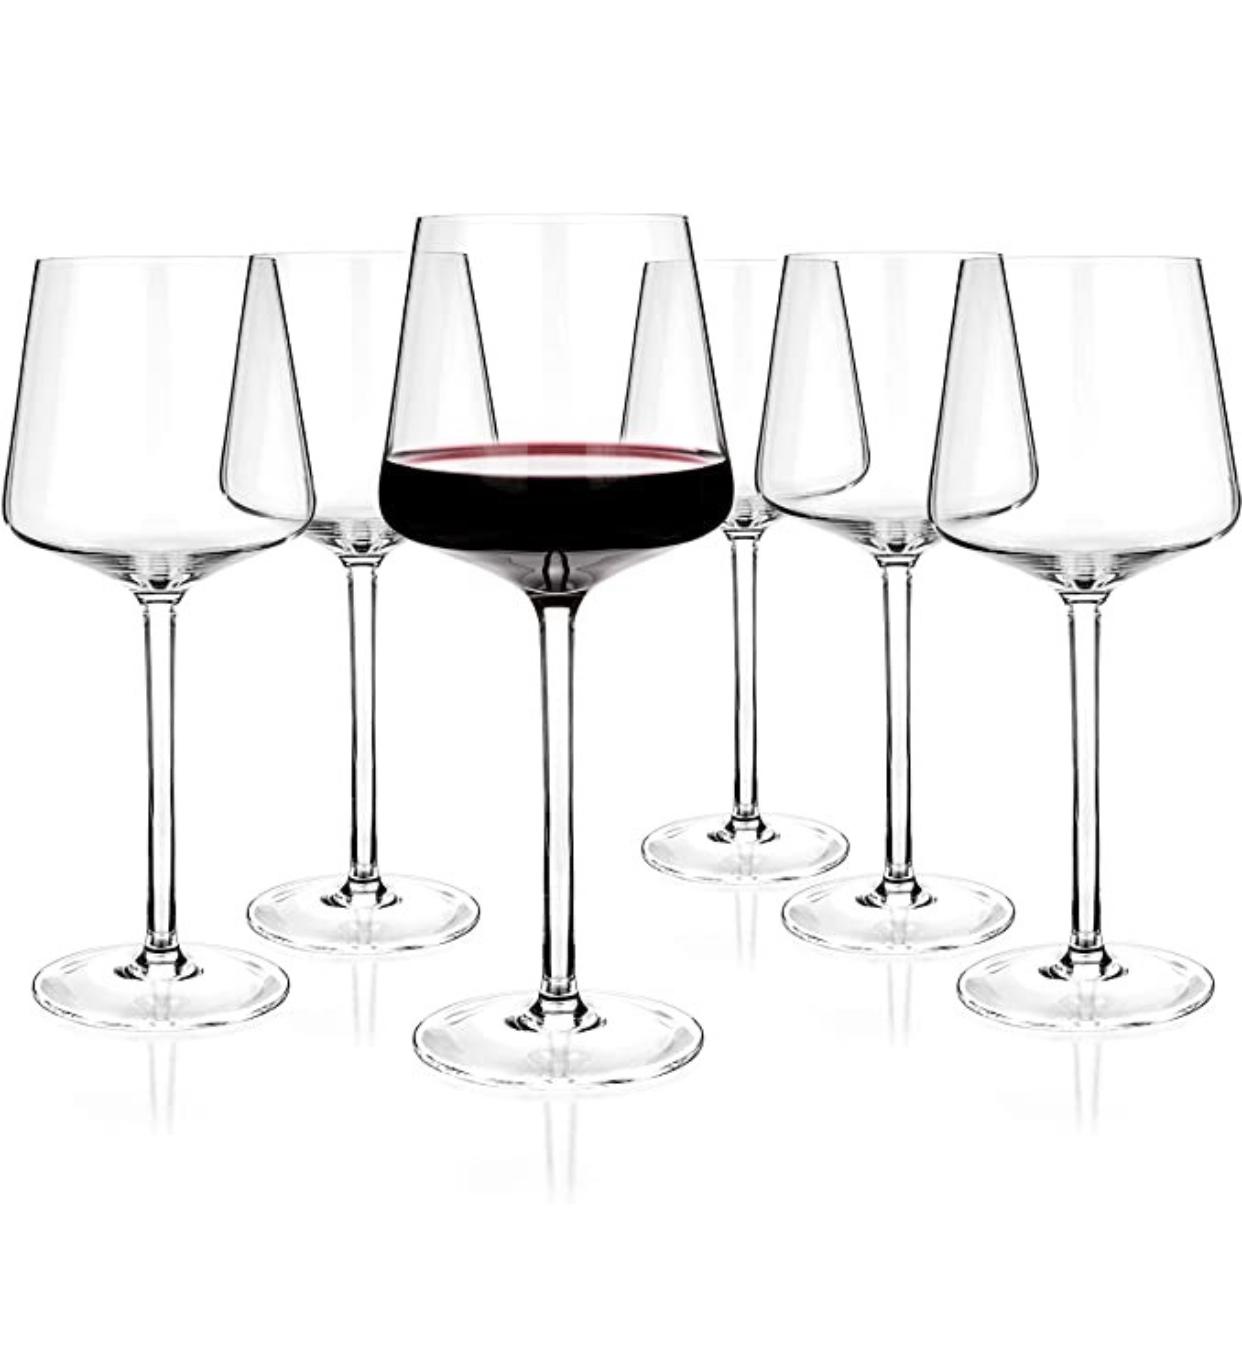 amazon wine glasses